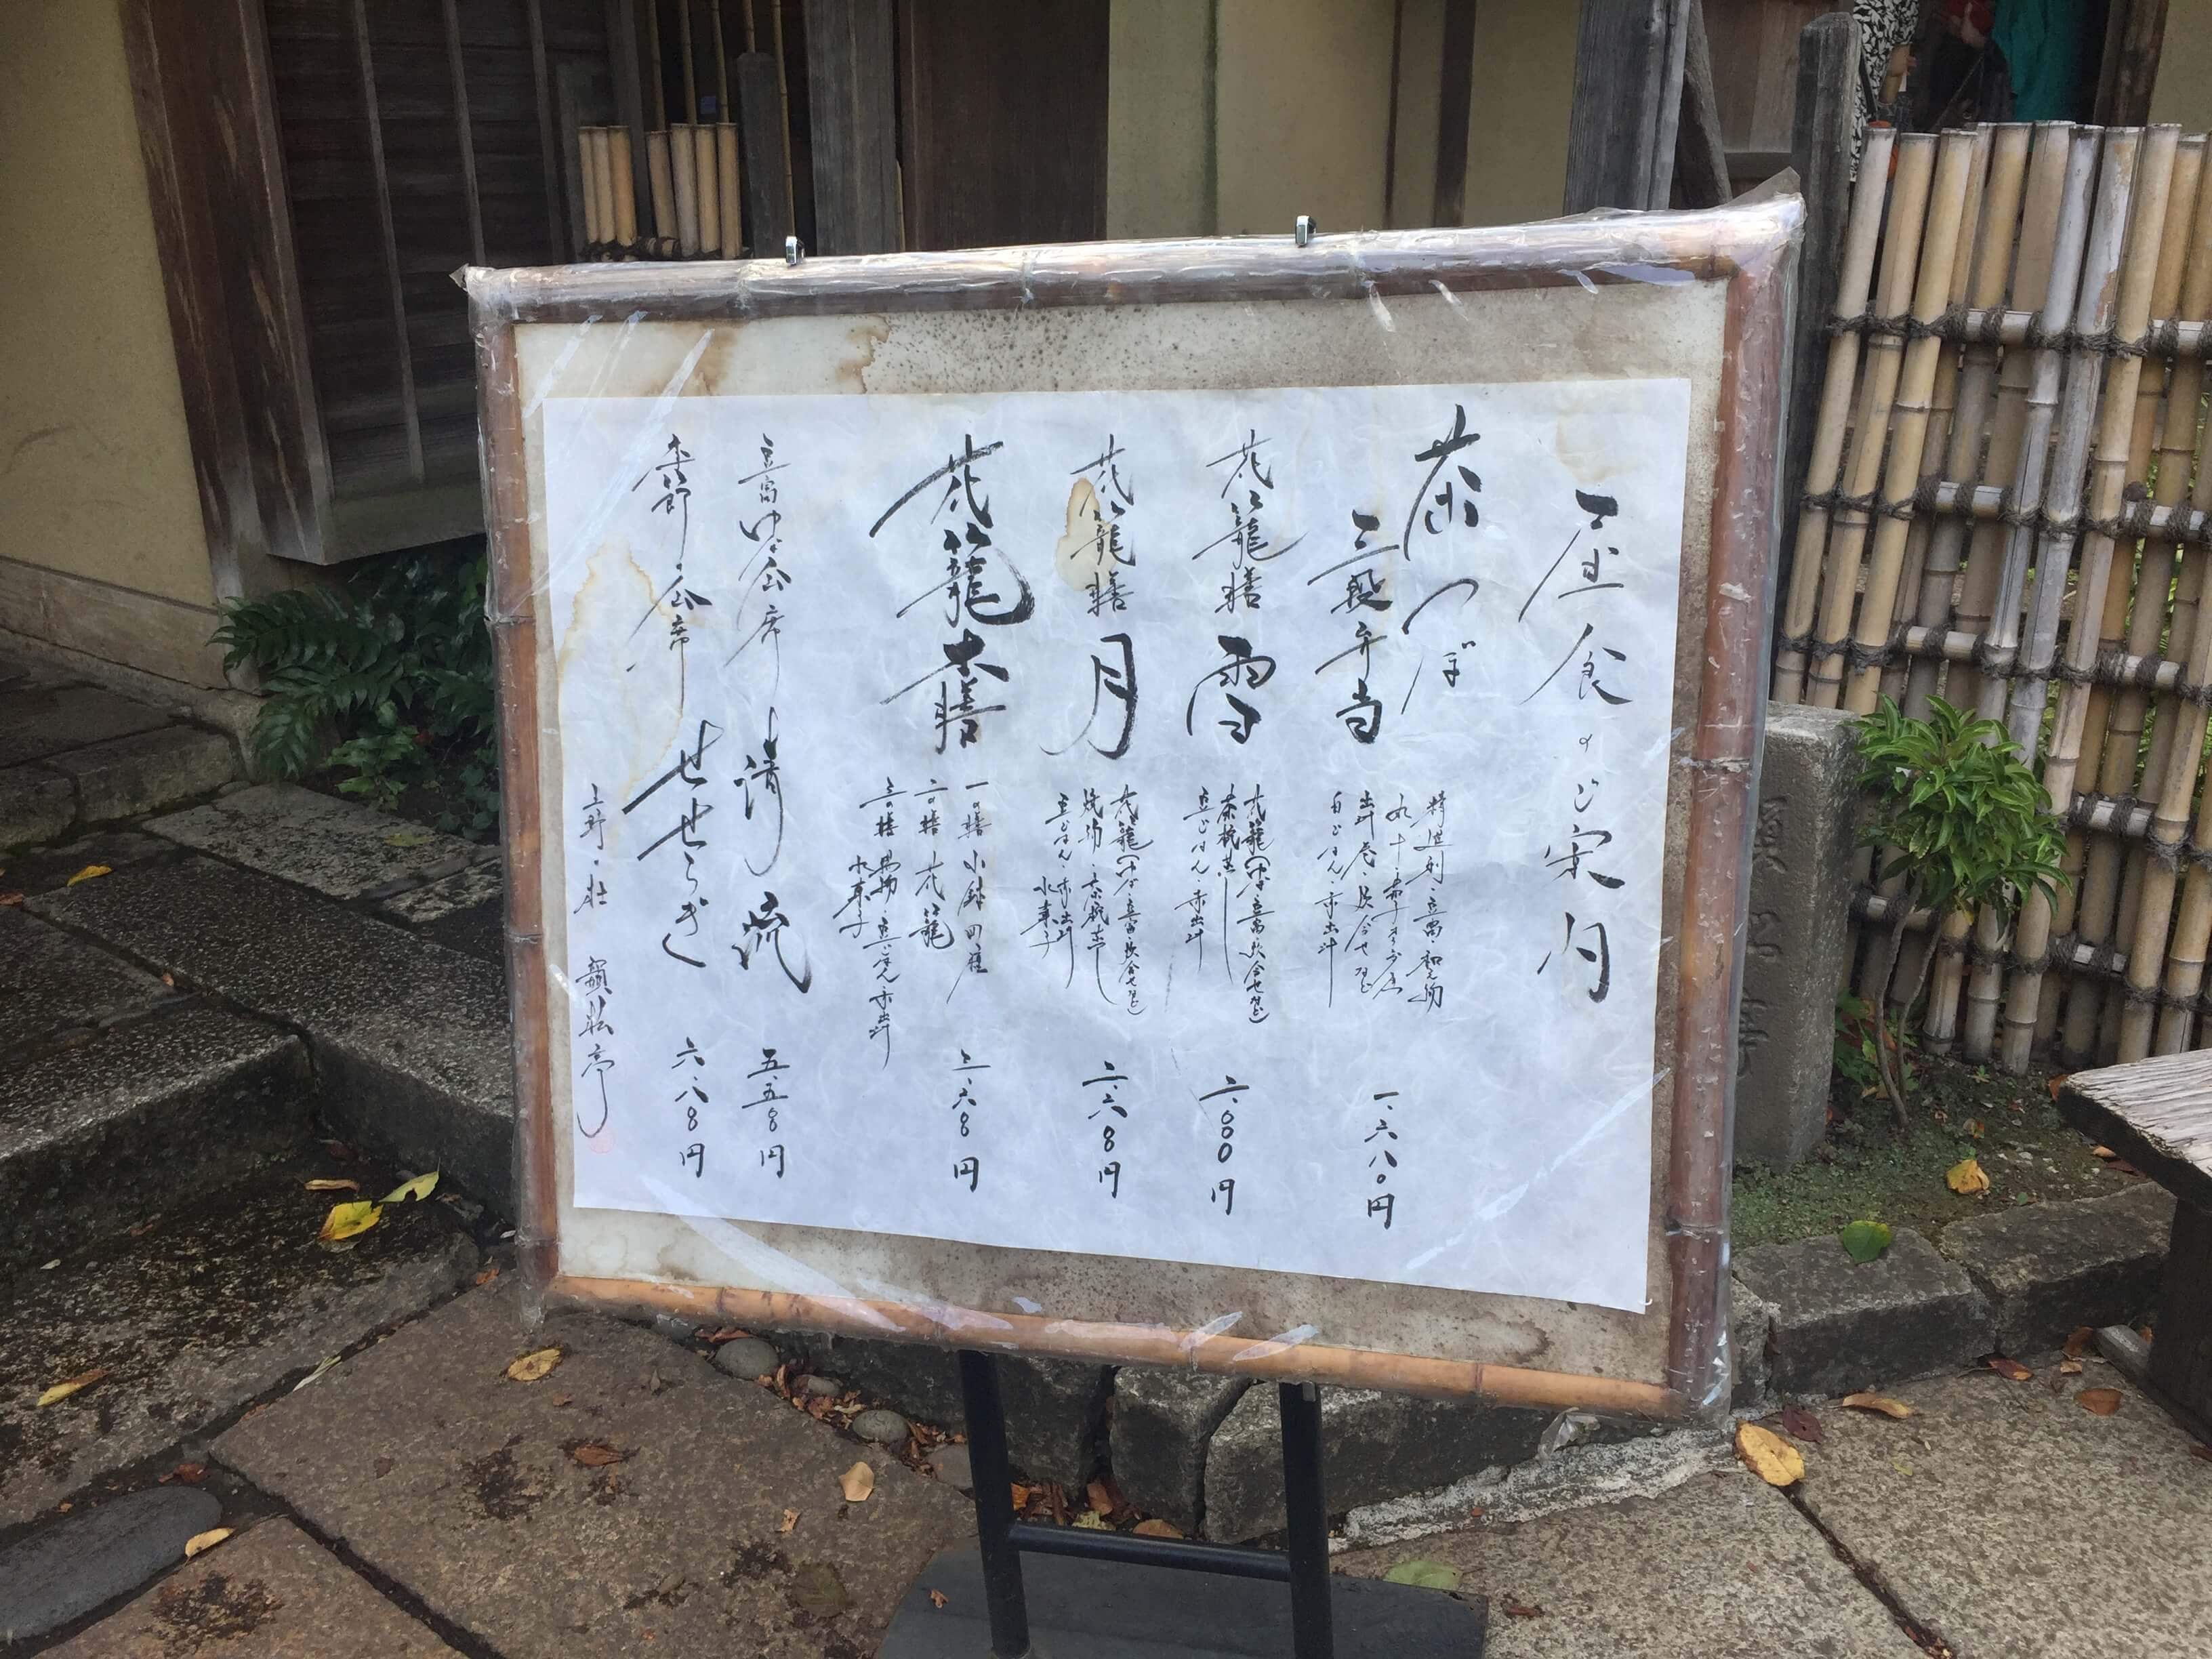 上野公園ランチおすすめ